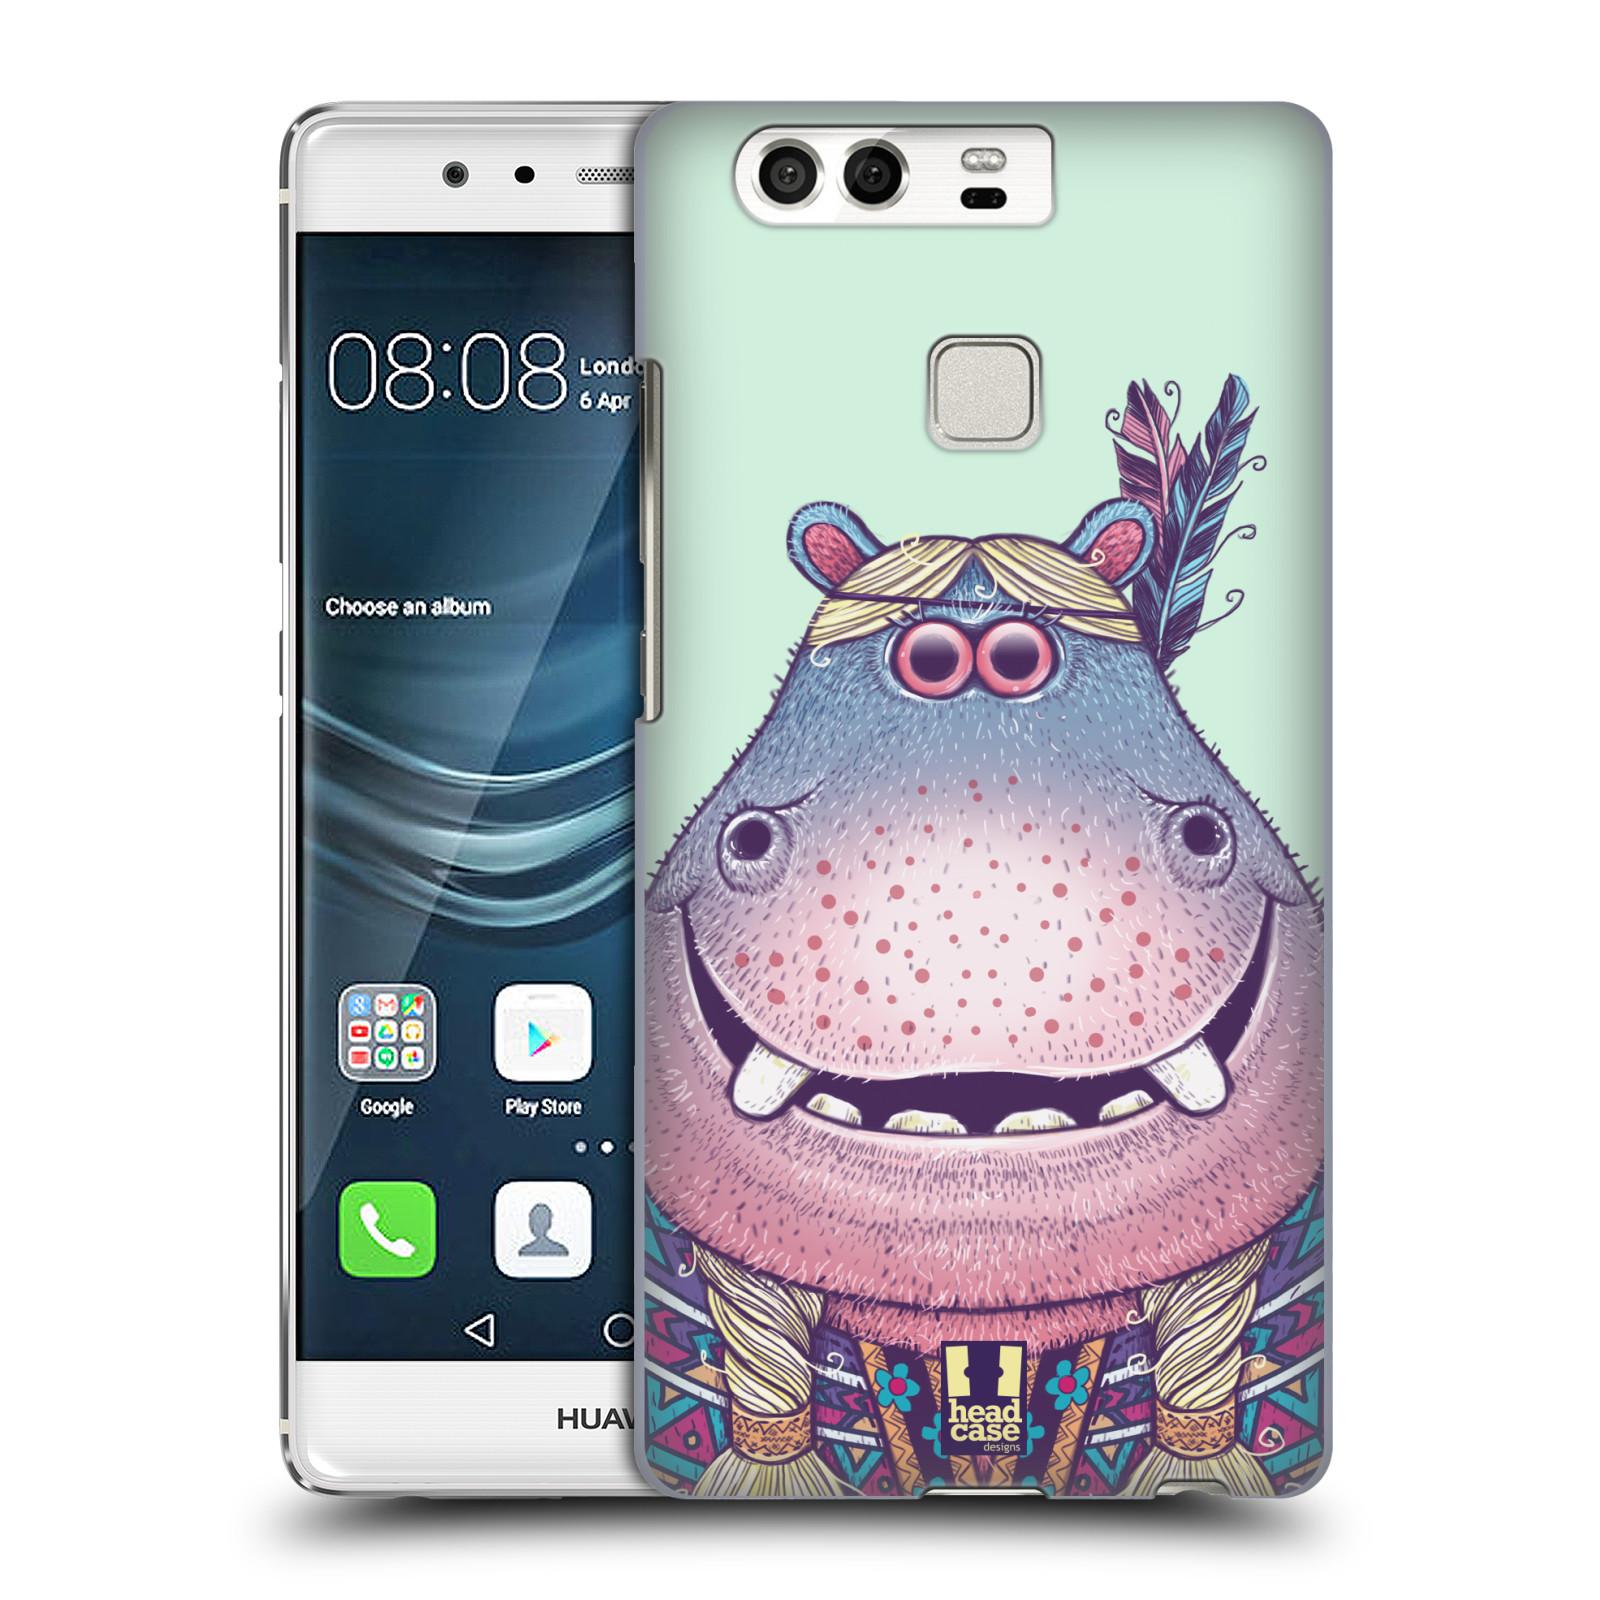 HEAD CASE plastový obal na mobil Huawei P9 / P9 DUAL SIM vzor Kreslená zvířátka hroch